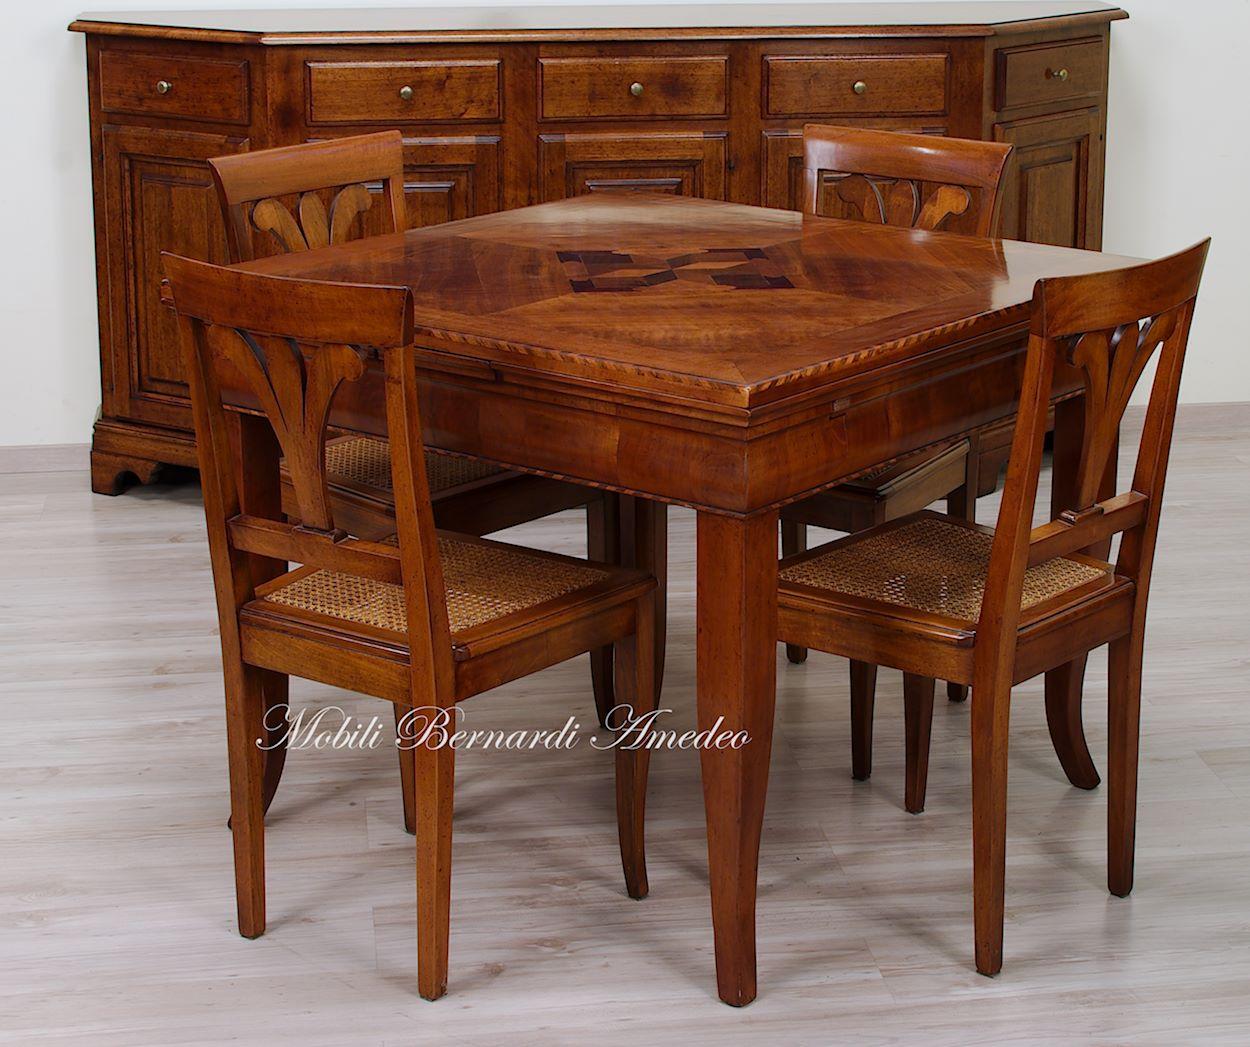 tavolini tv estraibili : TA06 - Tavolo quadrato in ciliegio con sedie in stile